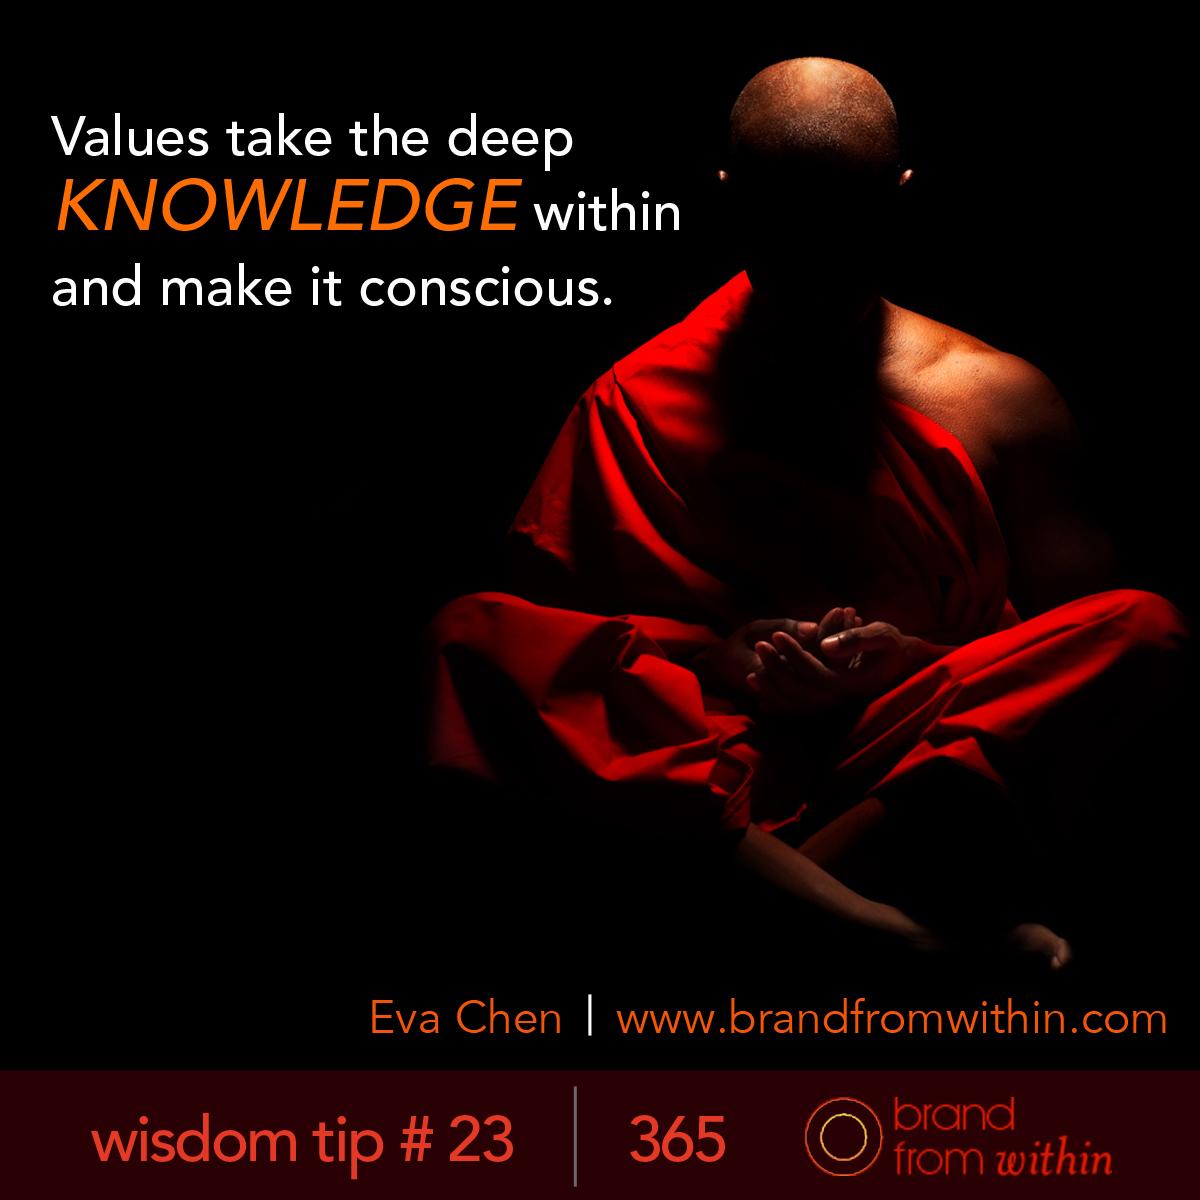 DAY 23 WISDOM TIP